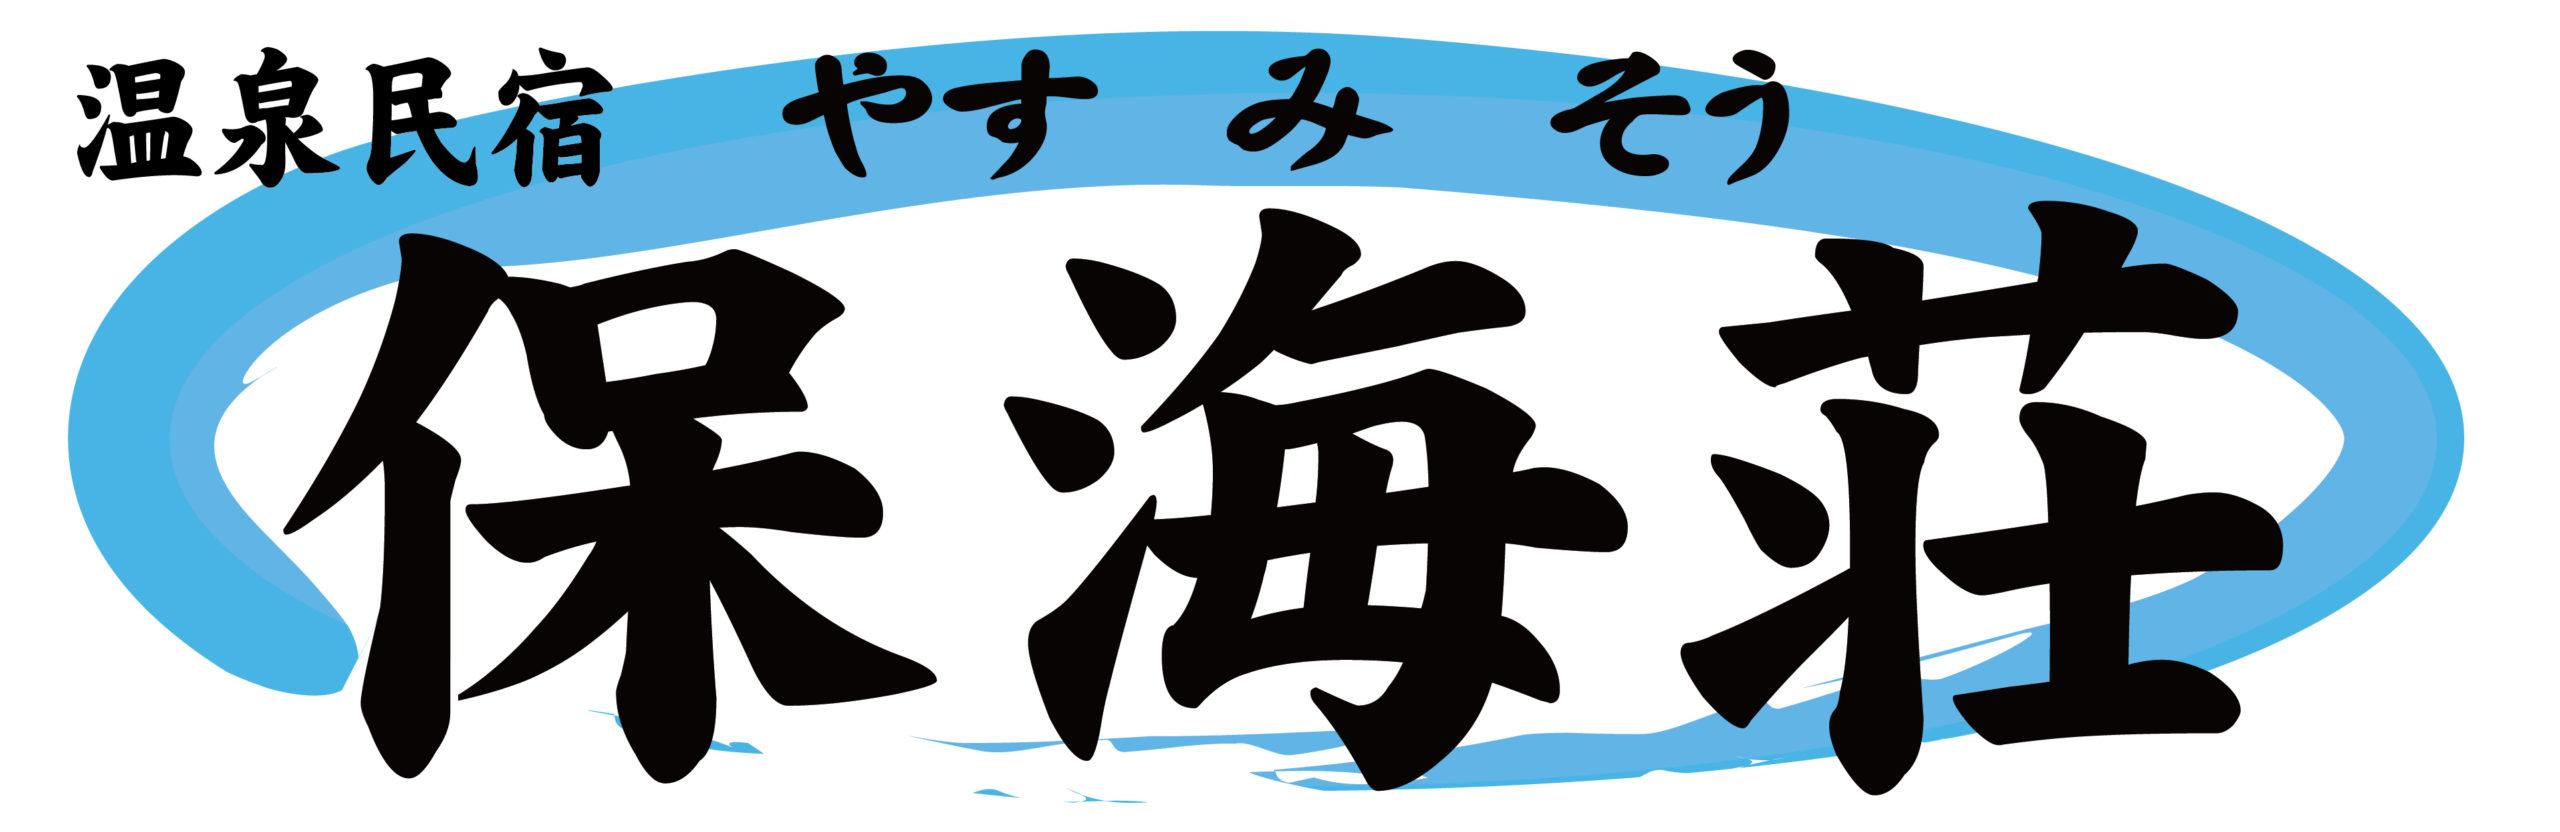 【公式HP】西伊豆堂ヶ島 温泉民宿 保海荘(やすみそう)